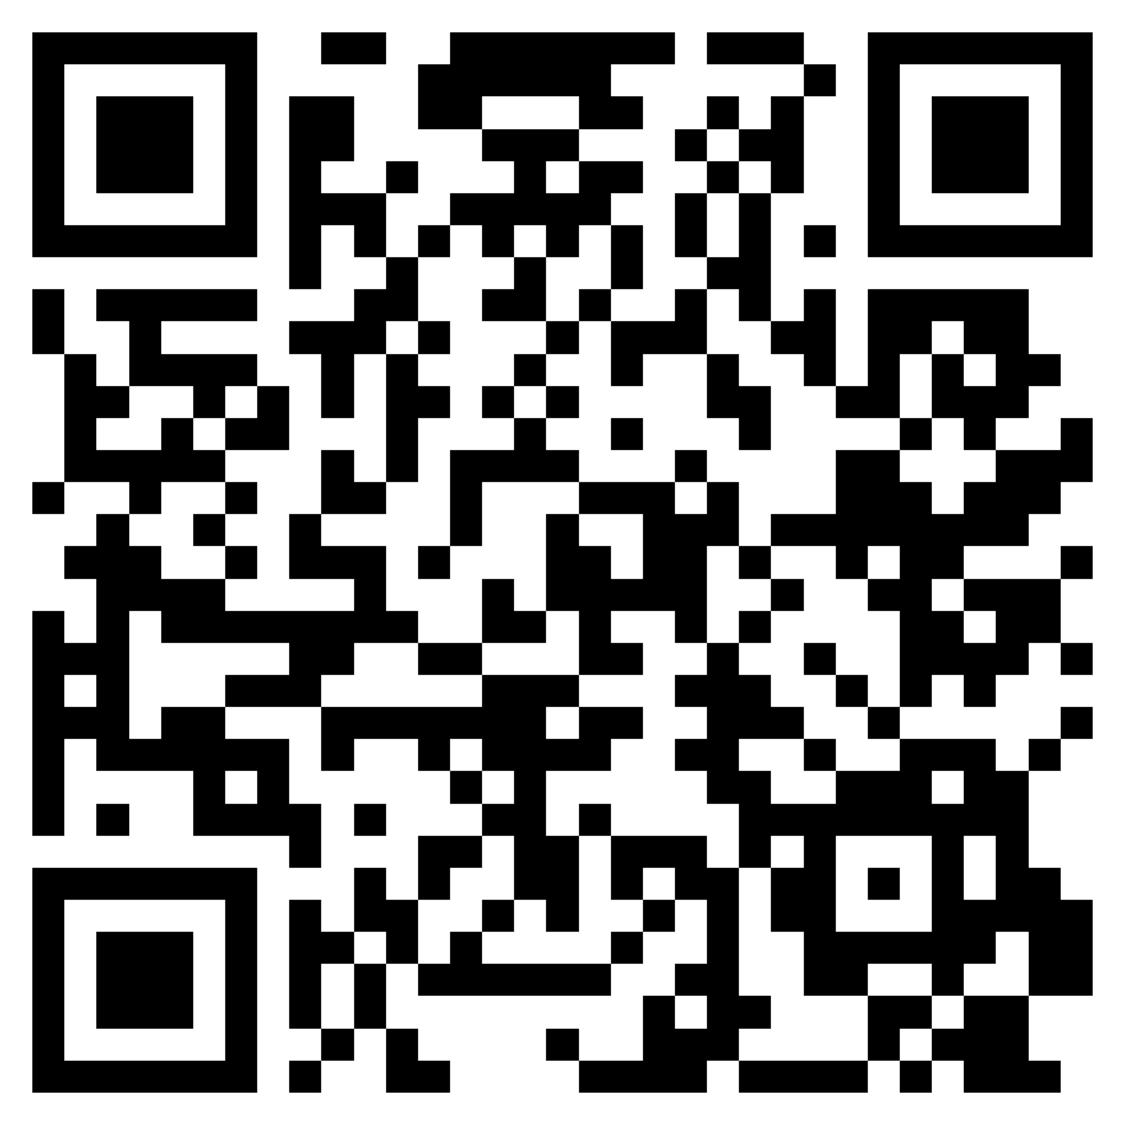 02428c48 36dd 496b Aa86 D822e8bfedf3